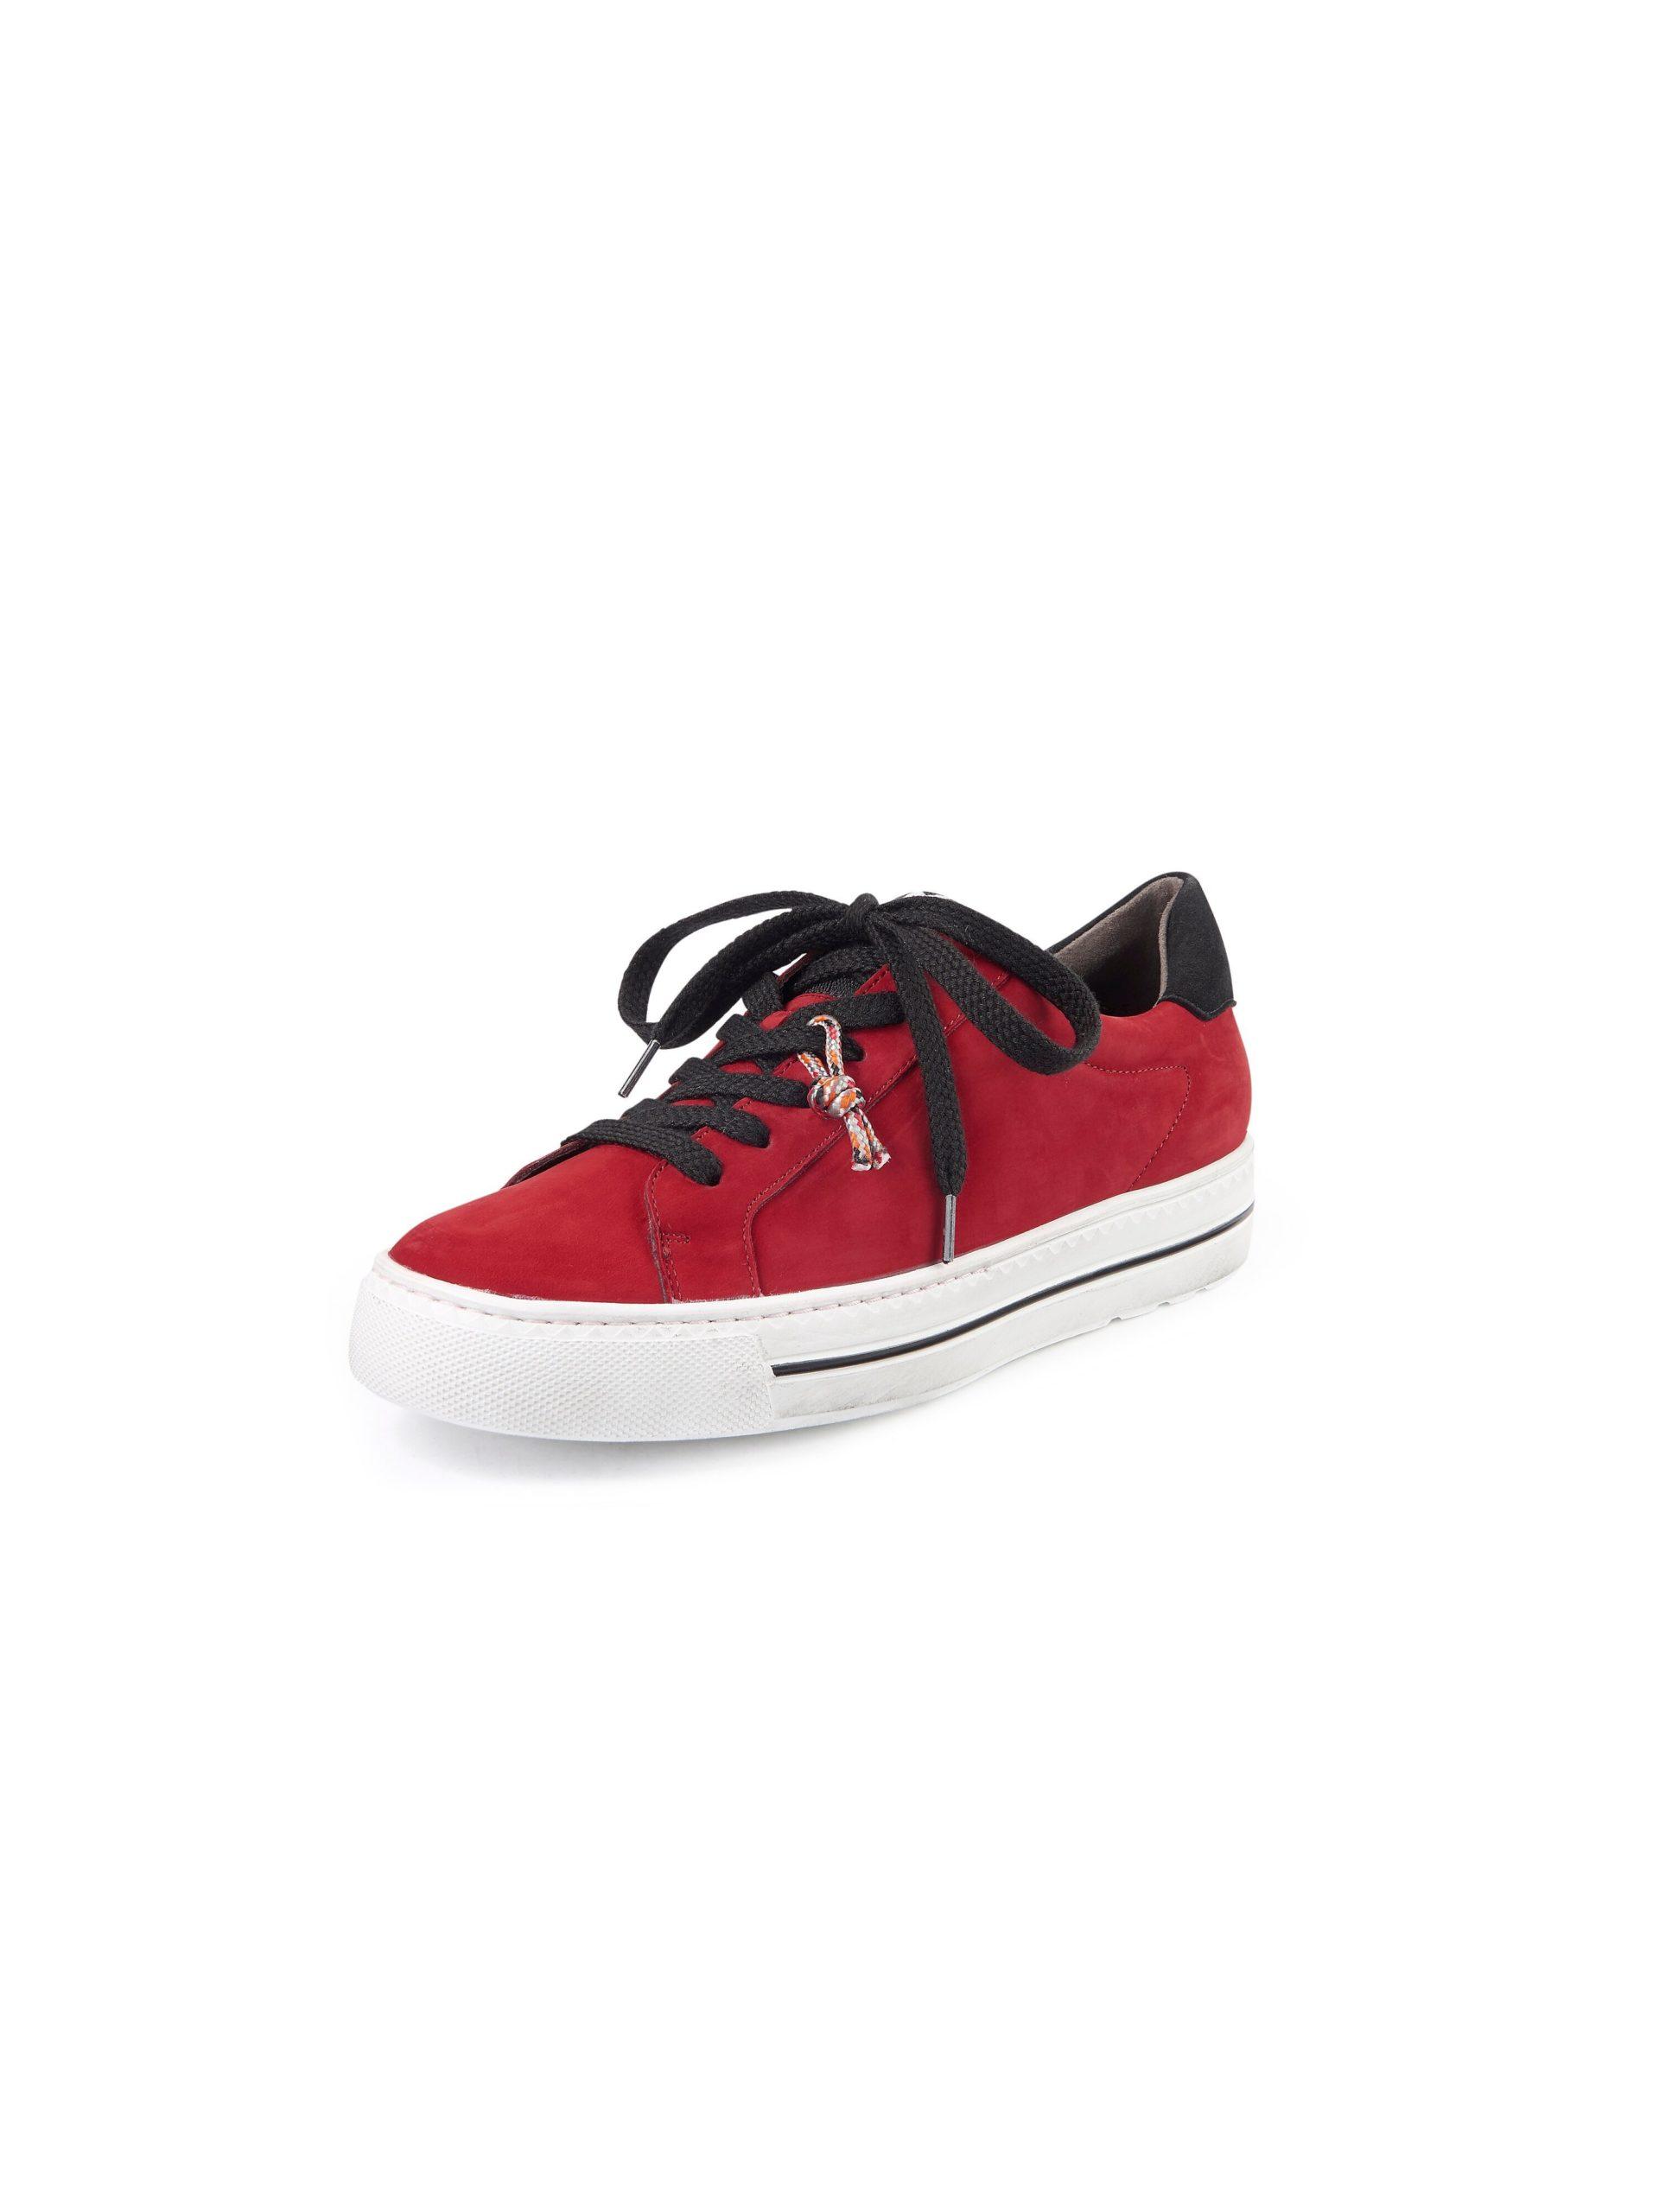 Sneakers Van Paul Green rood Kopen